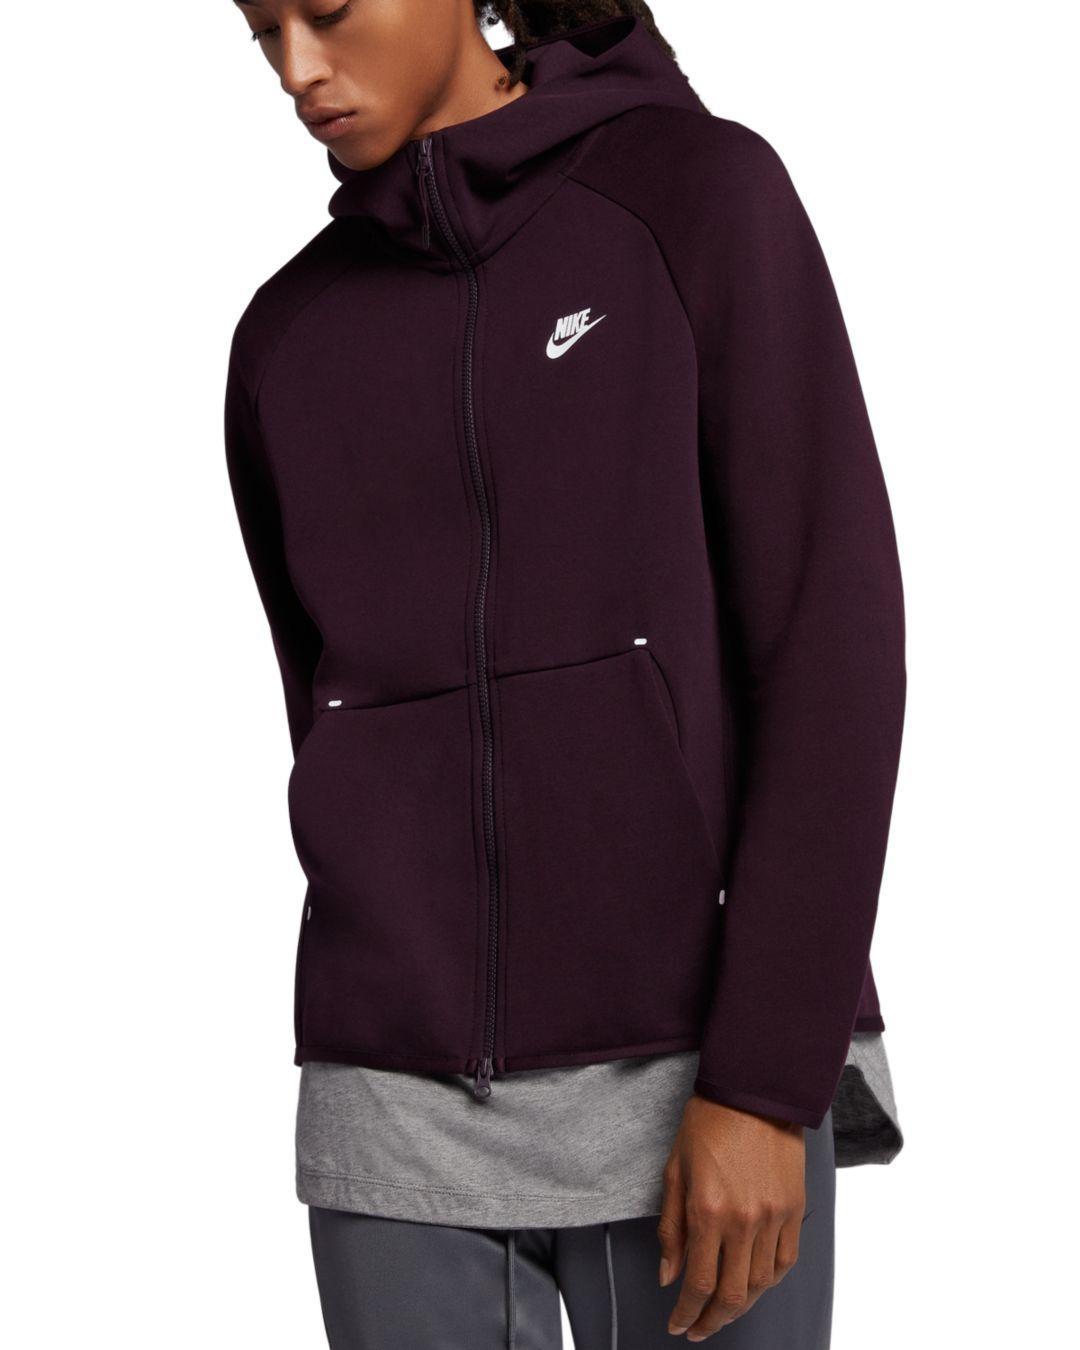 61adc2362ba4b Lyst - Nike Tech Fleece Hoodie in Purple for Men